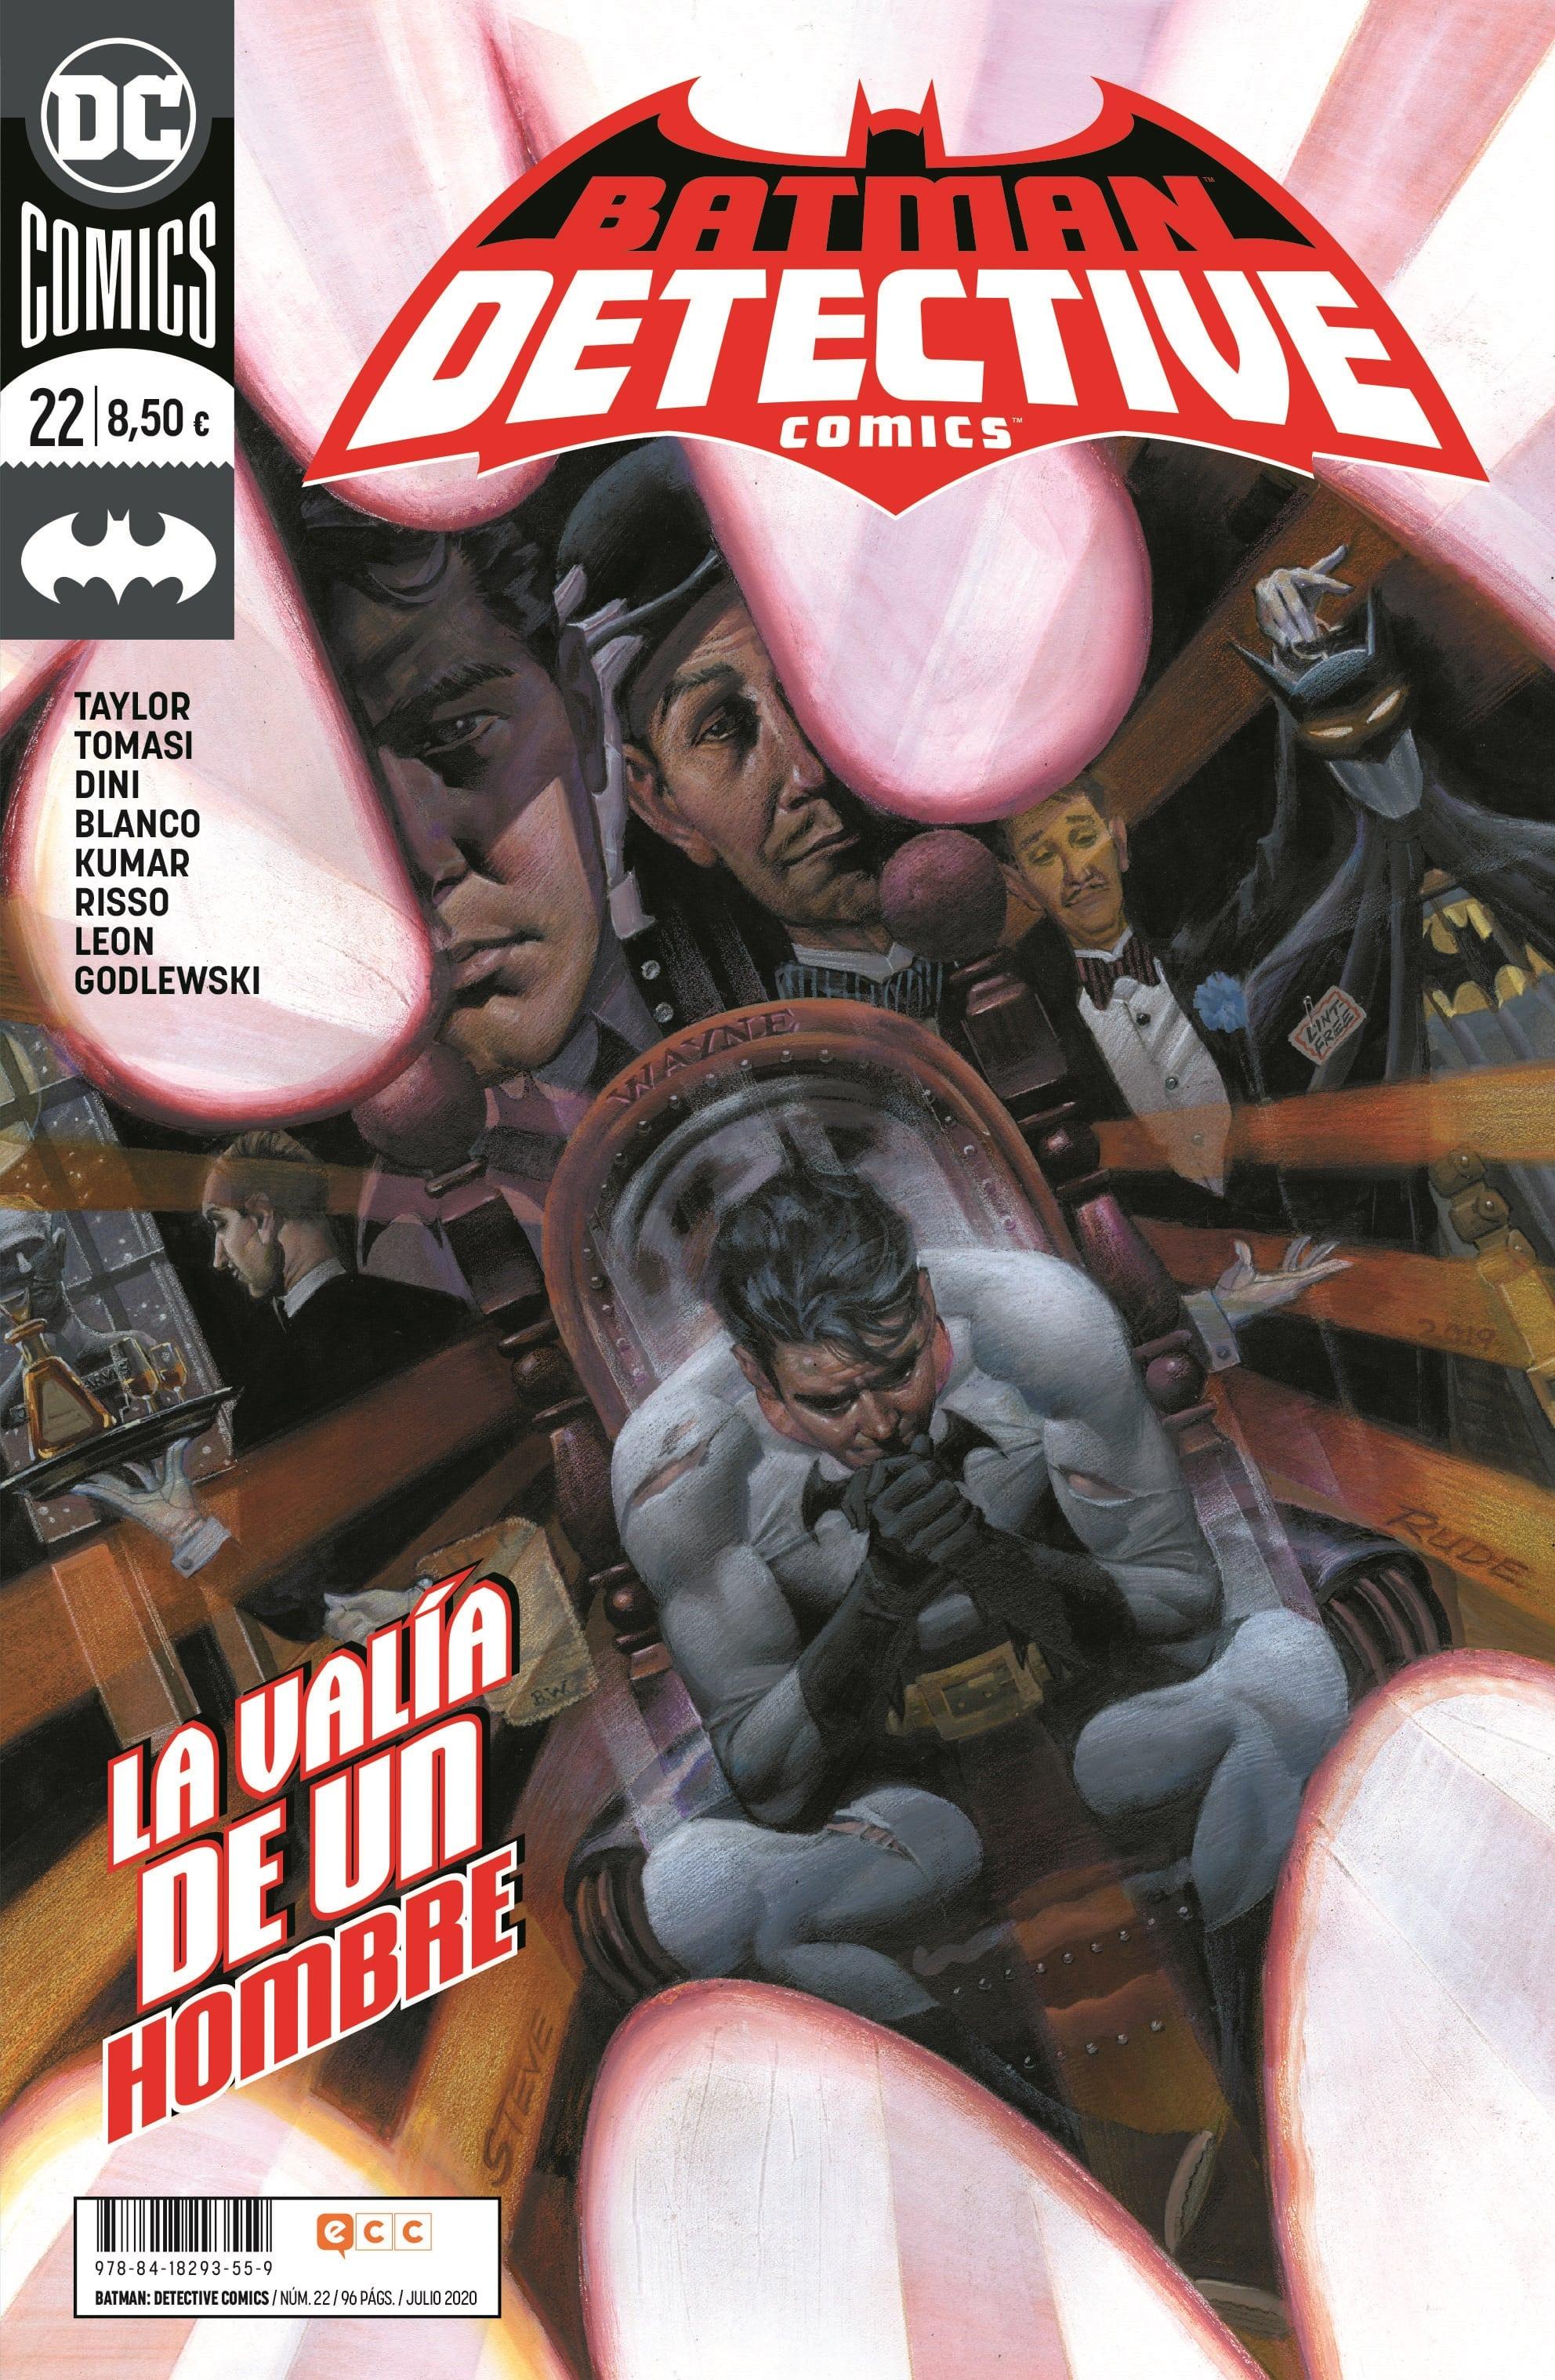 Detective Cómics #22